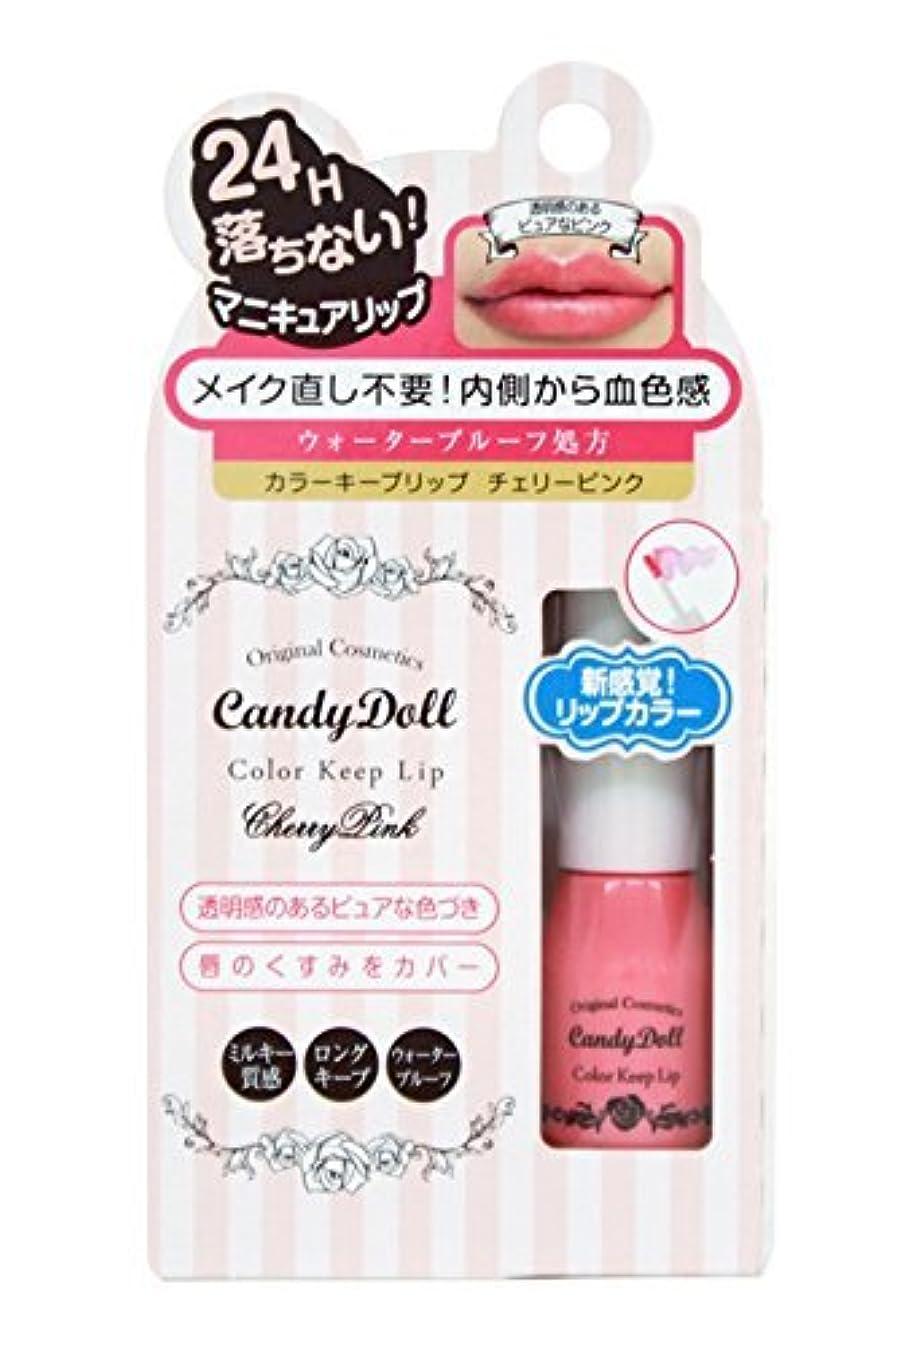 落とし穴心理的に転用T-Garden CandyDoll カラーキープリップ チェリーピンク